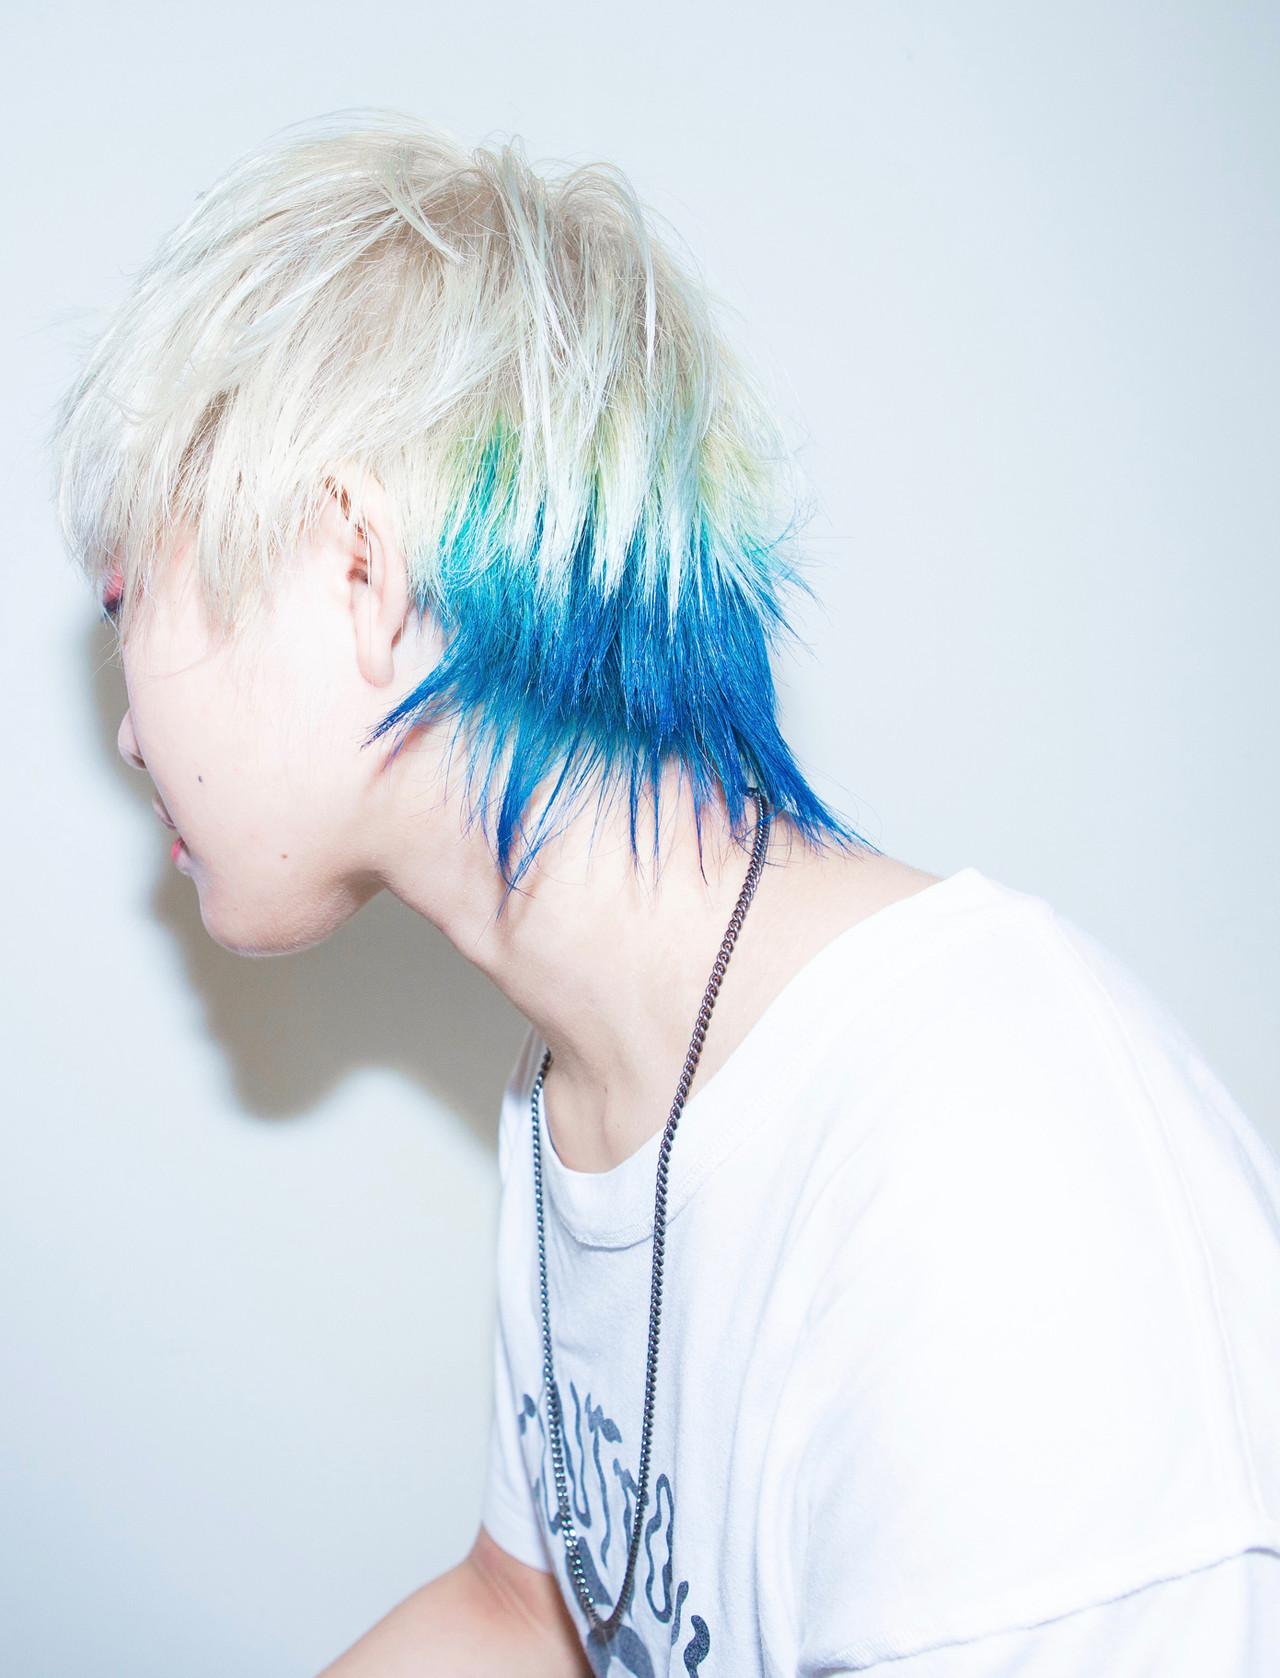 ブリーチオンカラー ショート ダブルブリーチ ホワイトブリーチ ヘアスタイルや髪型の写真・画像   内田 一也 / hair/nail space a:le